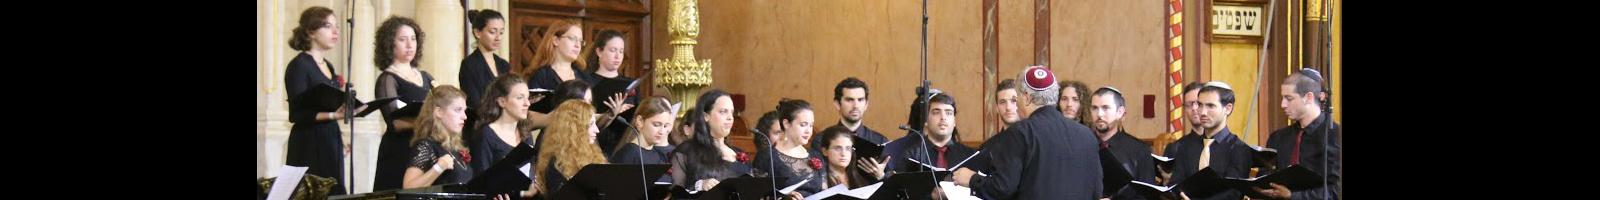 קונצרט המקהלה הקאמרית